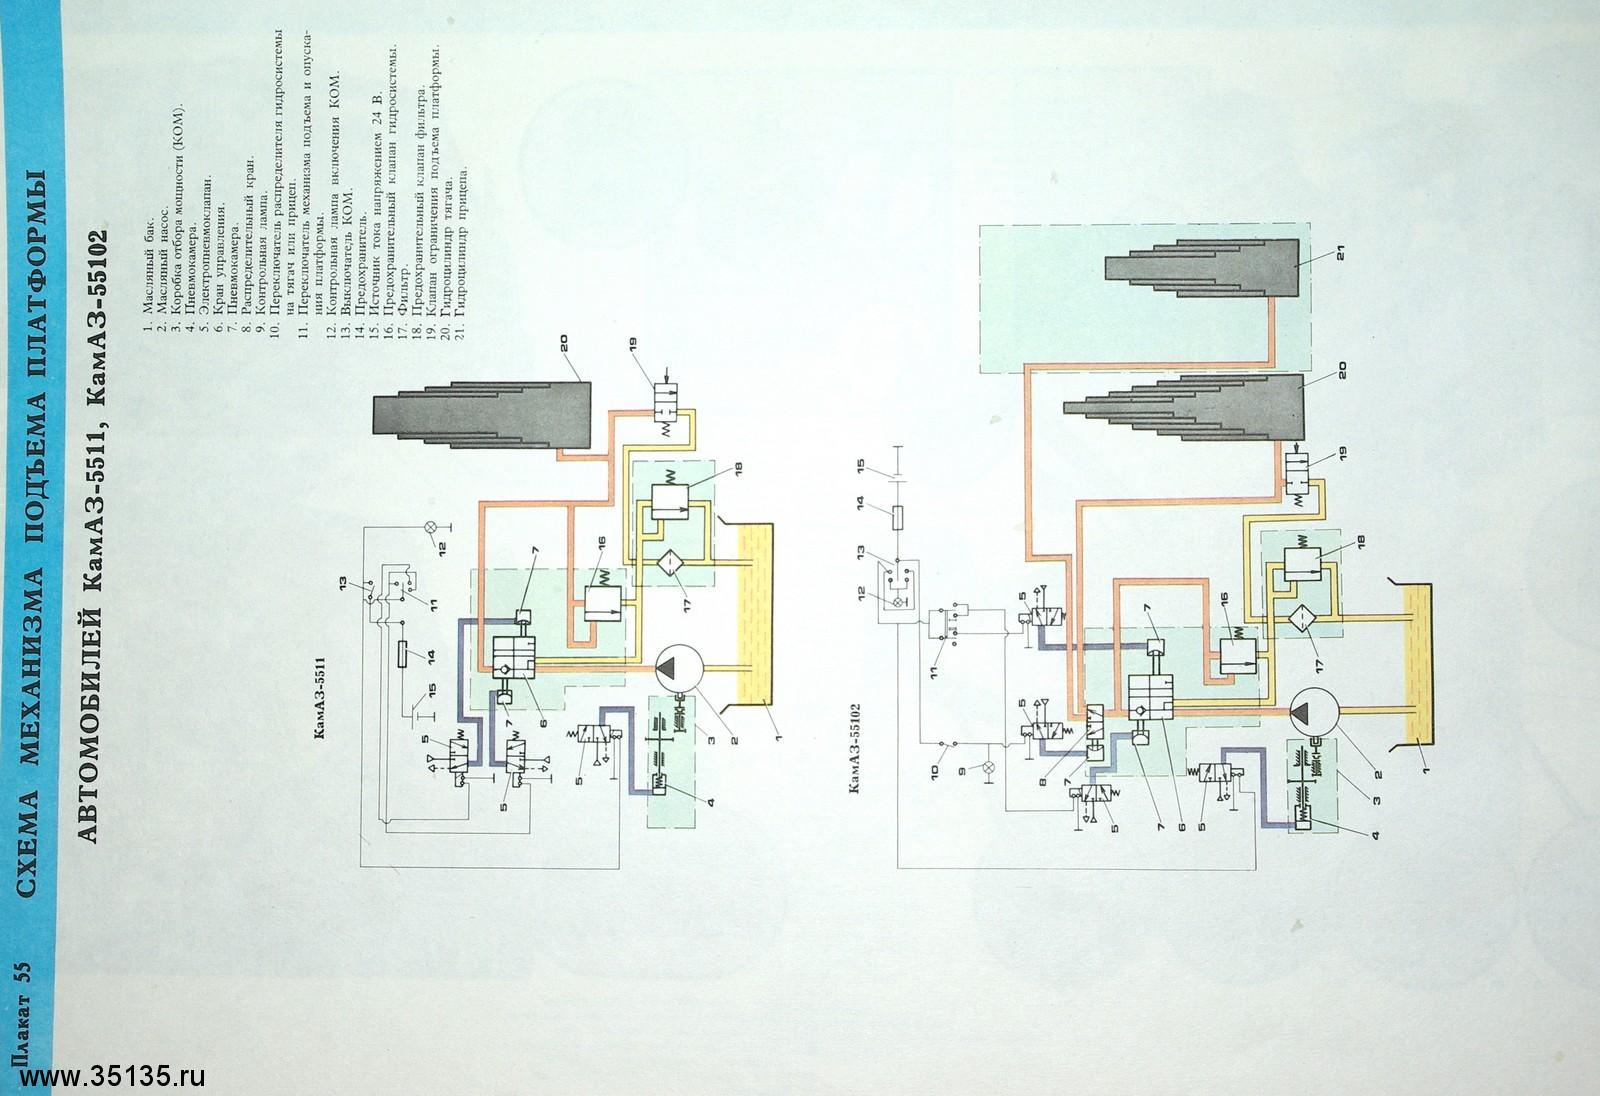 платформа камаз 65115 схема цветная